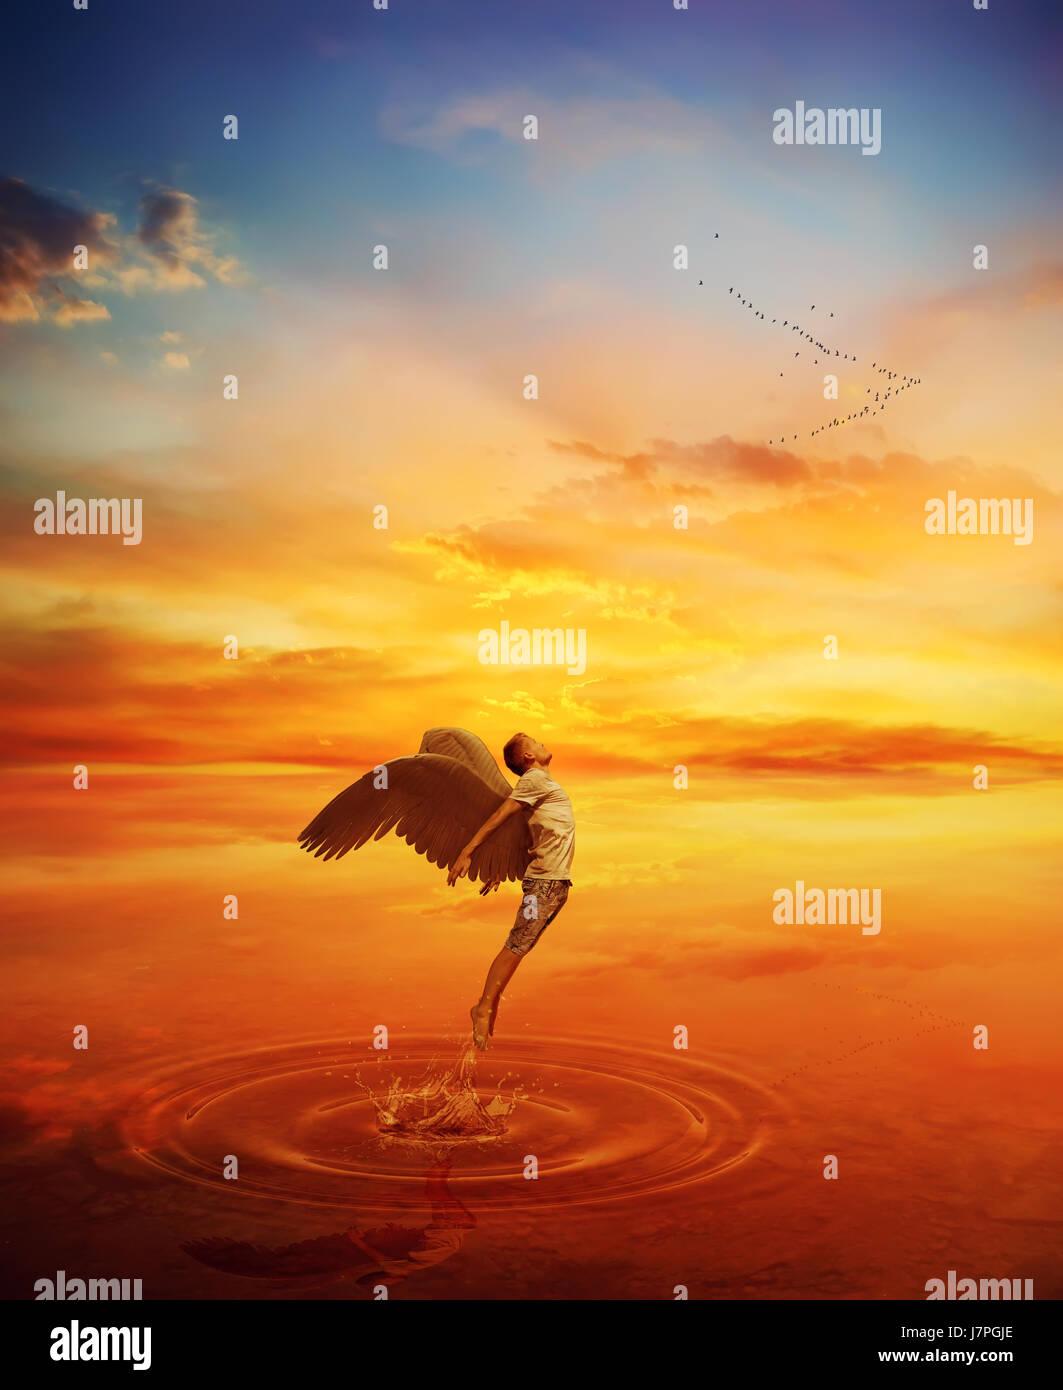 Immagine surrealista come angelo provare a saltare da un lago di acqua e volare lontano. Grande fuga spirituale Immagini Stock